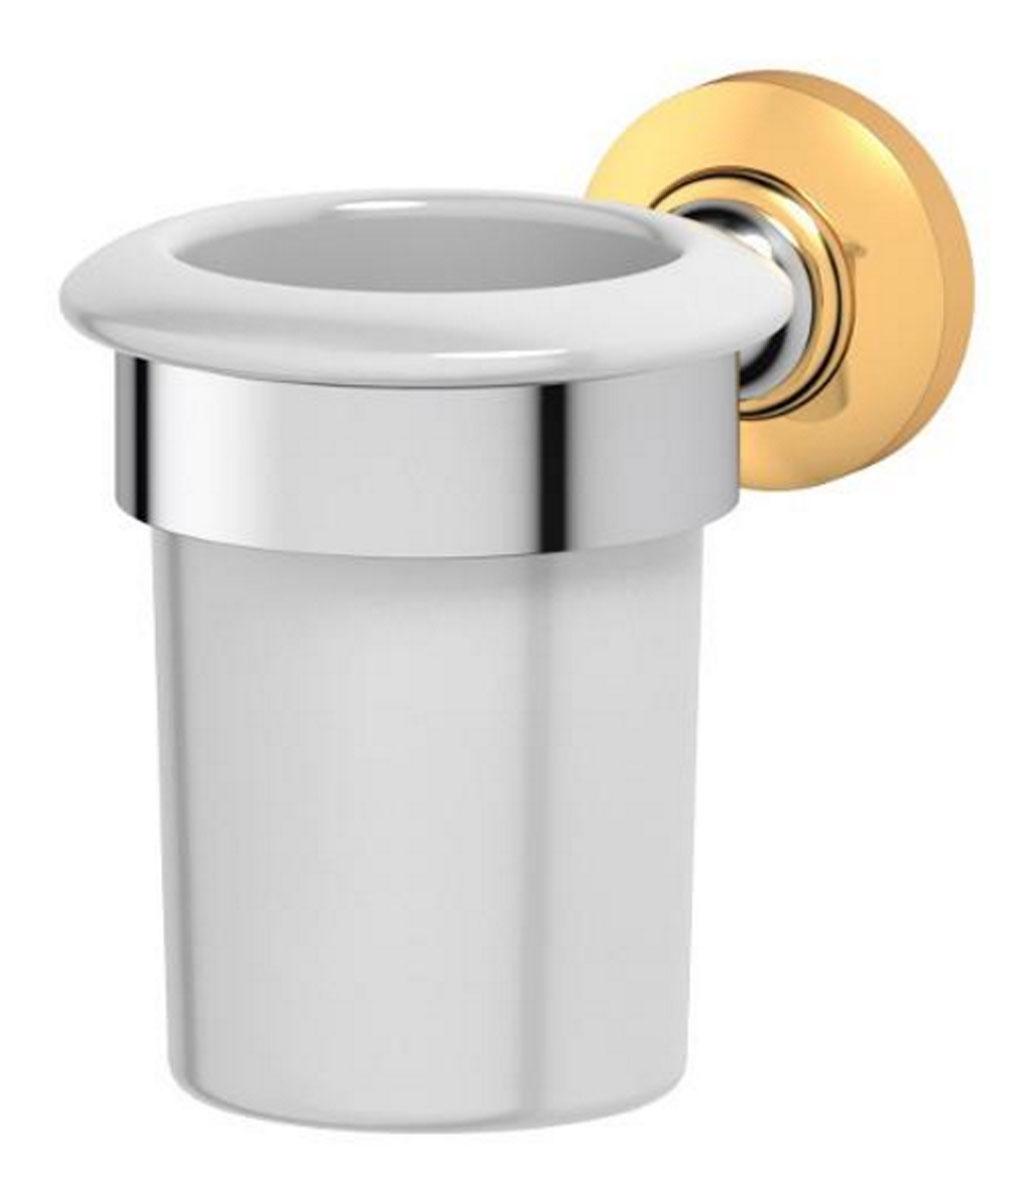 Держатель со стаканом для ванной комнаты 3SC Stilmar, цвет: хром, золото. STI 103STI 103Дизайн коллекций компании 3SC оригинален и узнаваем. Цель дизайнеров — находить равновесие между эстетикой и функциональностью. Это обдуманная четкая философия, которая проходит через все процессы производства мастерской региона Тоскана.Многолетний опыт, воплощение социальных и культурных традиций, а также постоянный поиск новых решений?– все это сконцентрировано в коллекциях 3SC. Особенное внимание уделяется декоративной отделке изделий, которая выполнена умелыми руками настоящих итальянских мастеров. Разнообразие стилей позволяет удовлетворить различные вкусы клиента от «классики» до «хай-тек», давая возможность гармонично сочетать аксессуары с зеркалами и освещением.